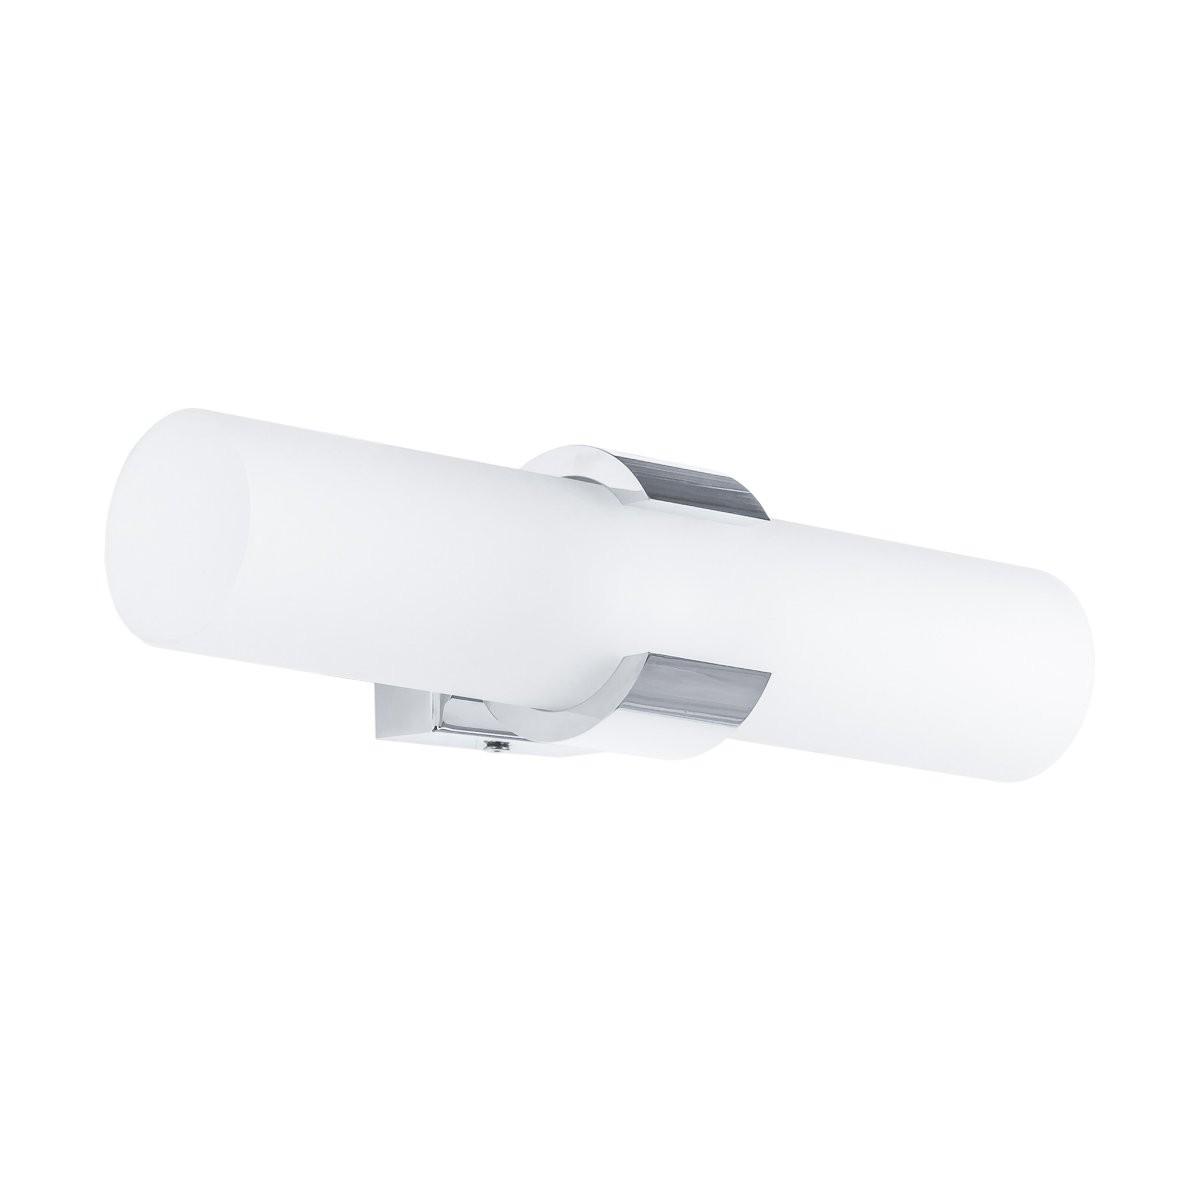 Italux MB120211014-2A nástěnná lampa Rosetta do koupelny 2x40W|G9|IP44